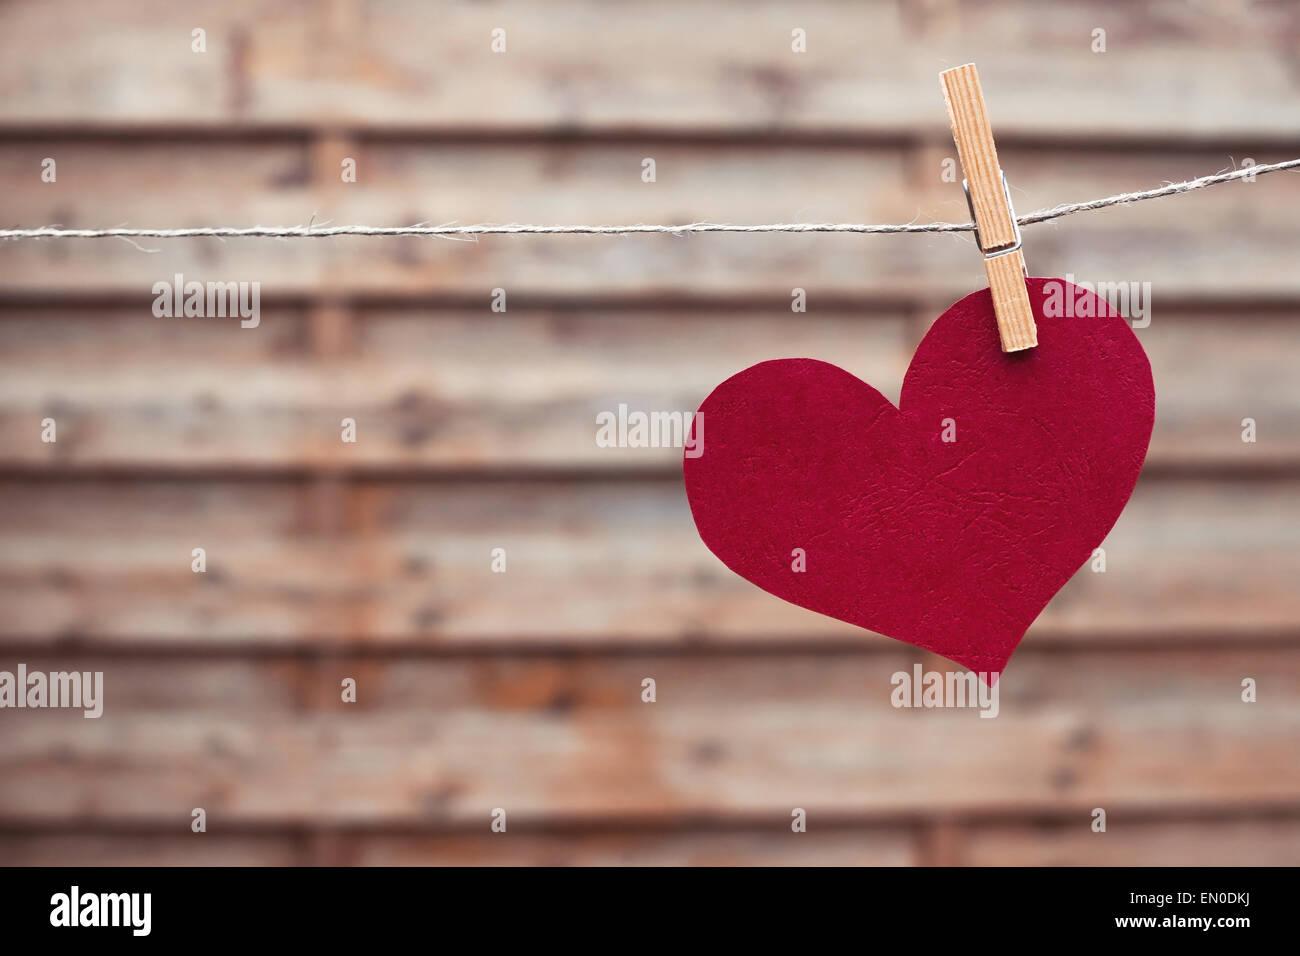 Hintergrund mit roten Herzen Stockbild